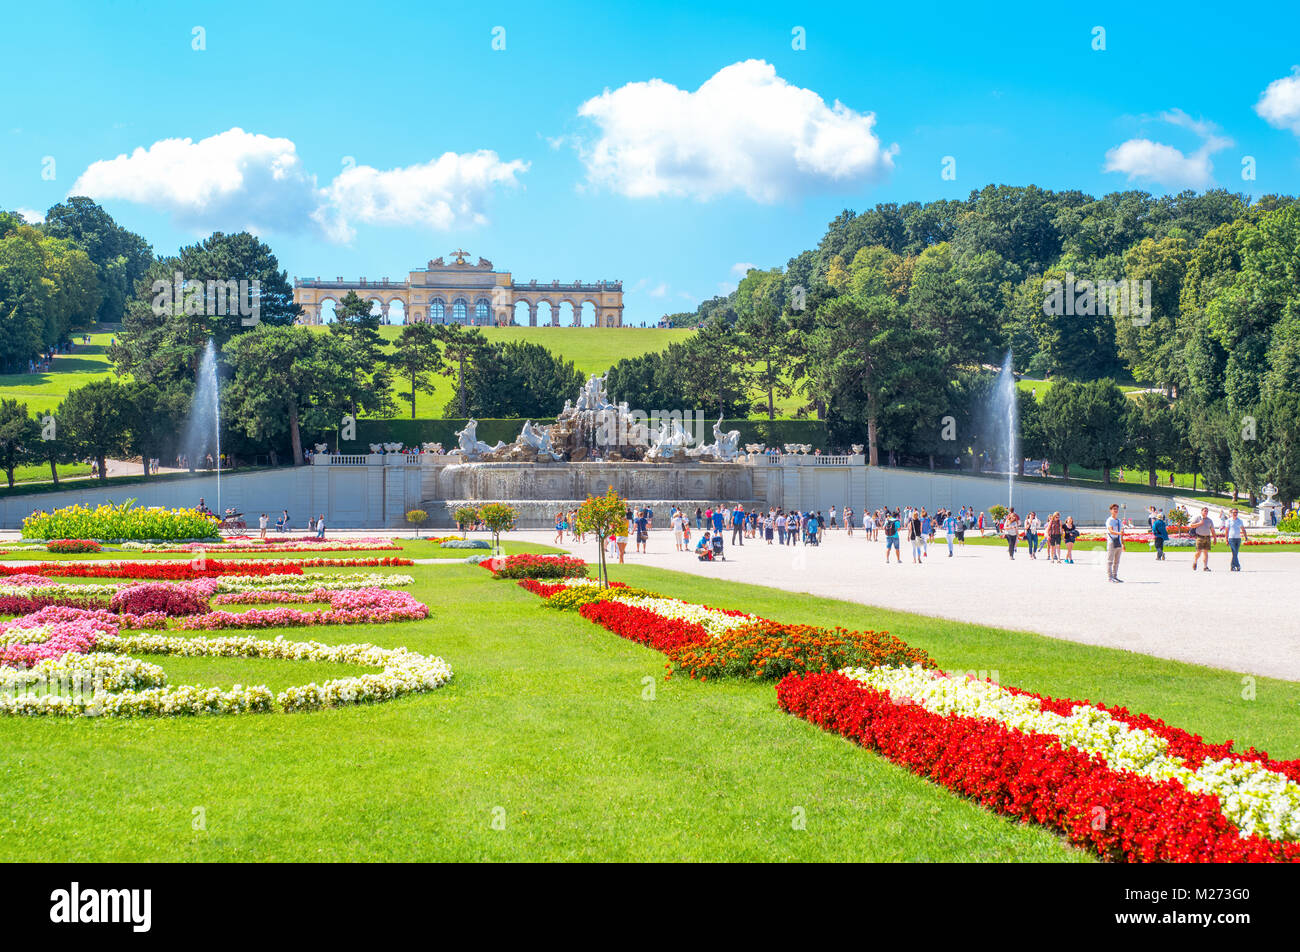 Austria, Viena, ,el palacio de Schonbrunn Gloriette pavilion visto desde el jardín Imagen De Stock